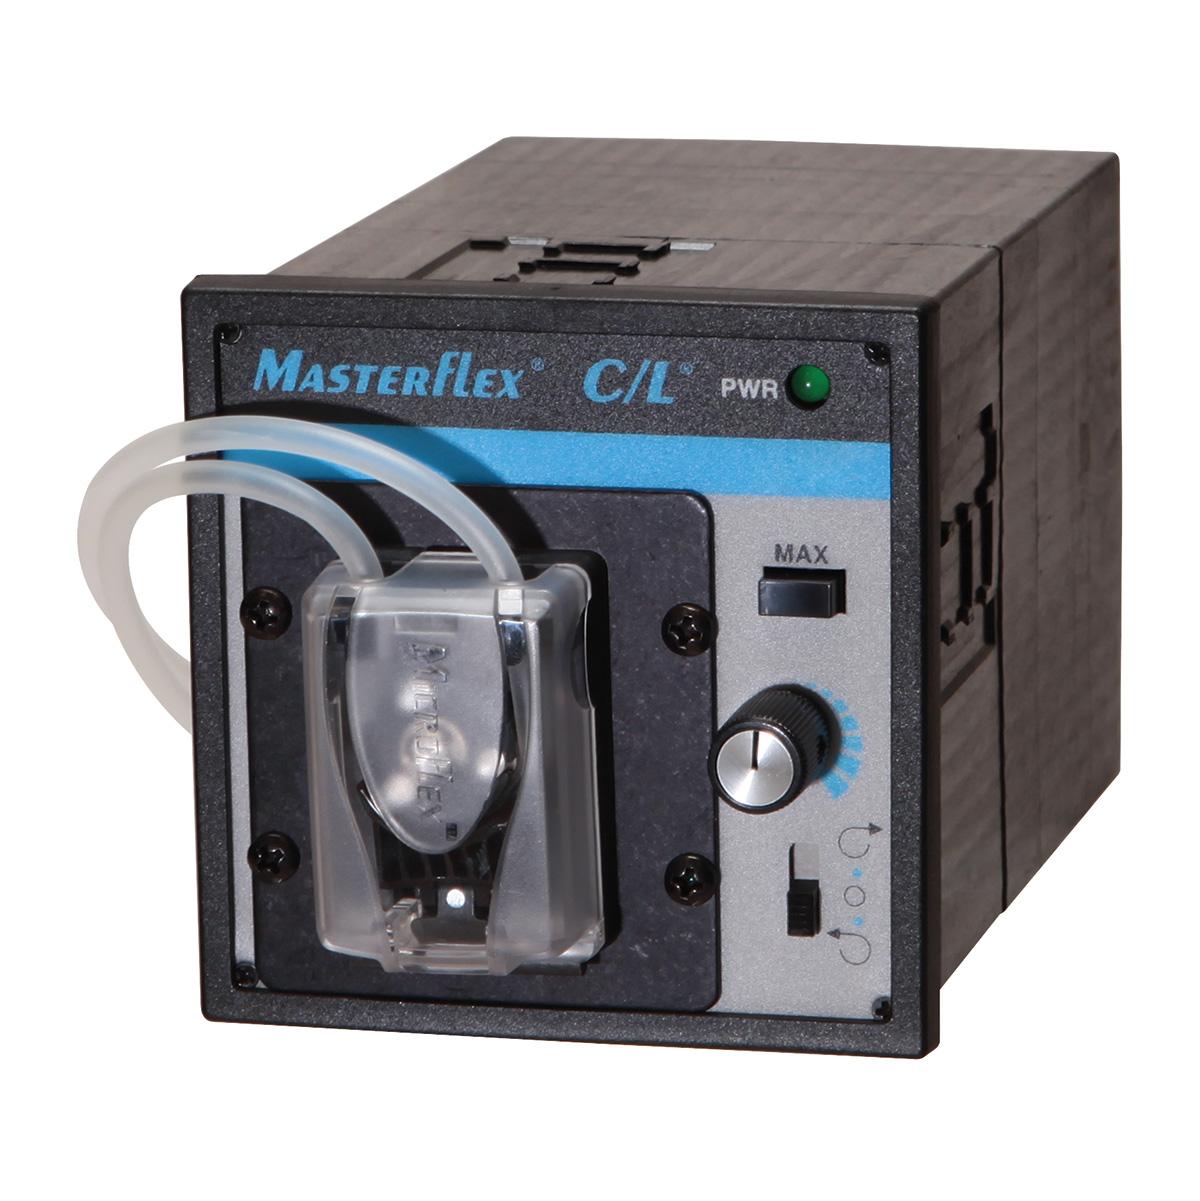 Bomba Compacta de Velocidad Variable Masterflex C/L Image